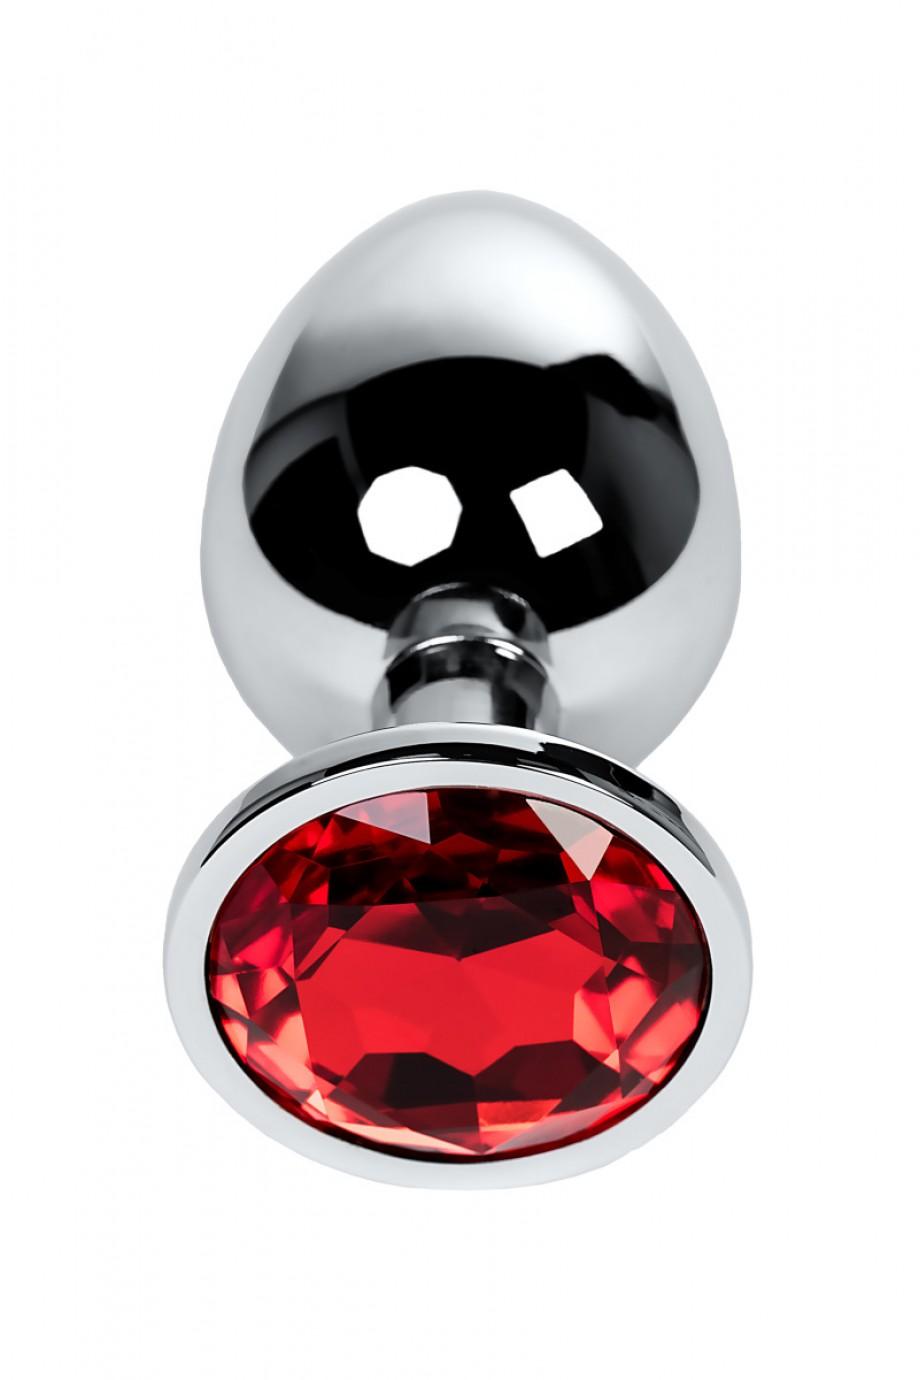 Анальная пробка Metal by TOYFA, металл, серебристая, с кристаллом цвета рубин, 9,5 см, Ø 4 см, 420 г